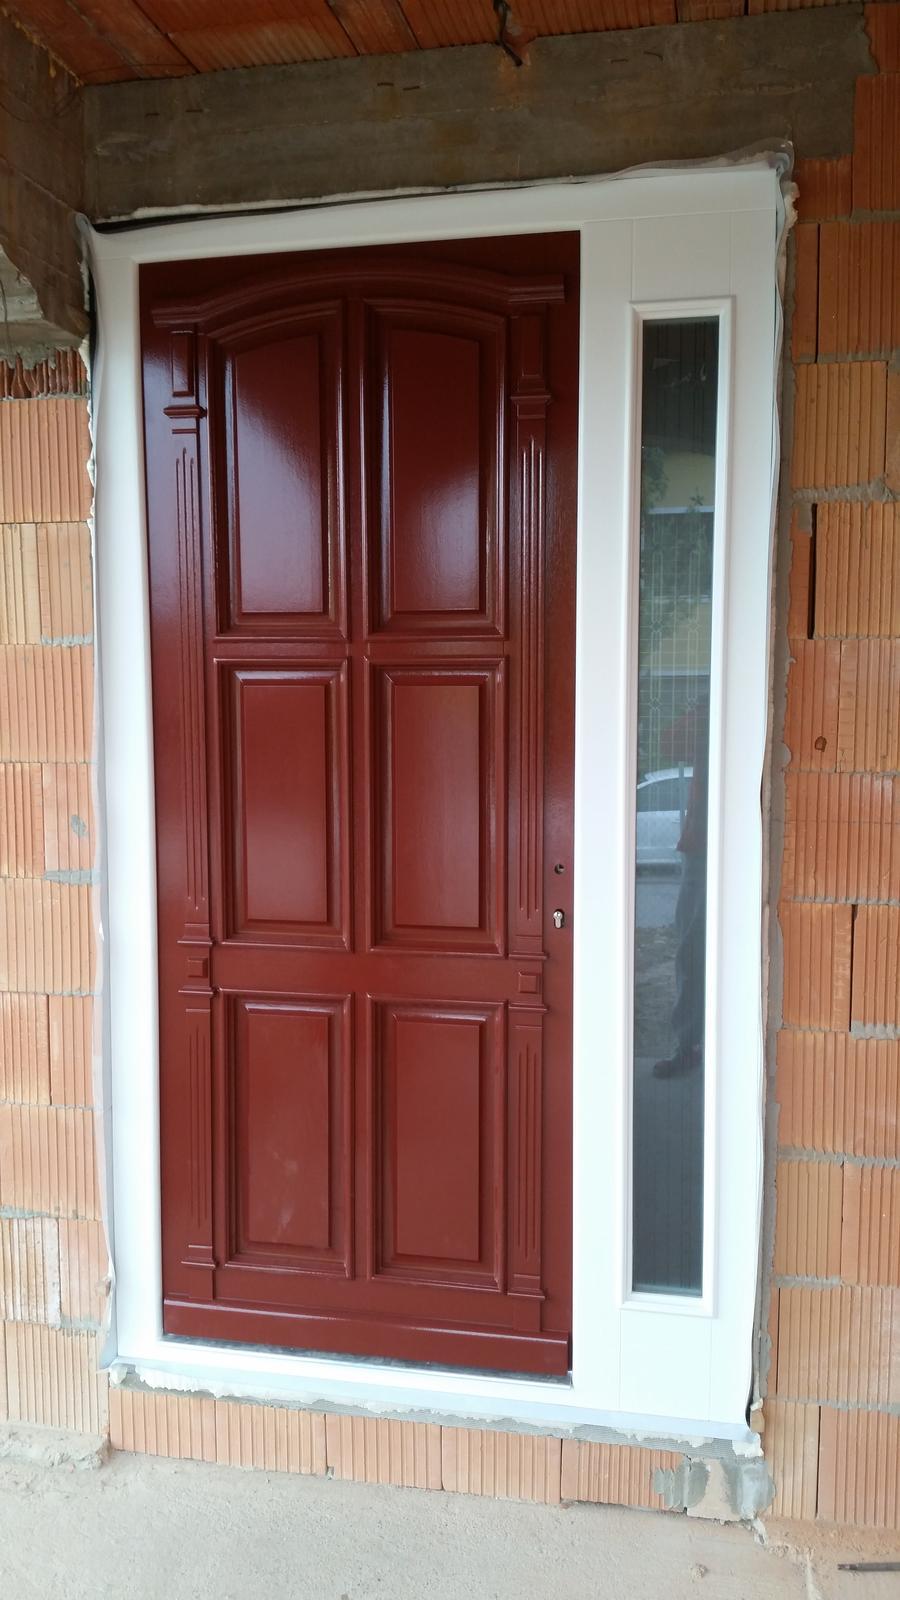 Provensal drevené okná a dvere (materiál Meranti) - Obrázok č. 3